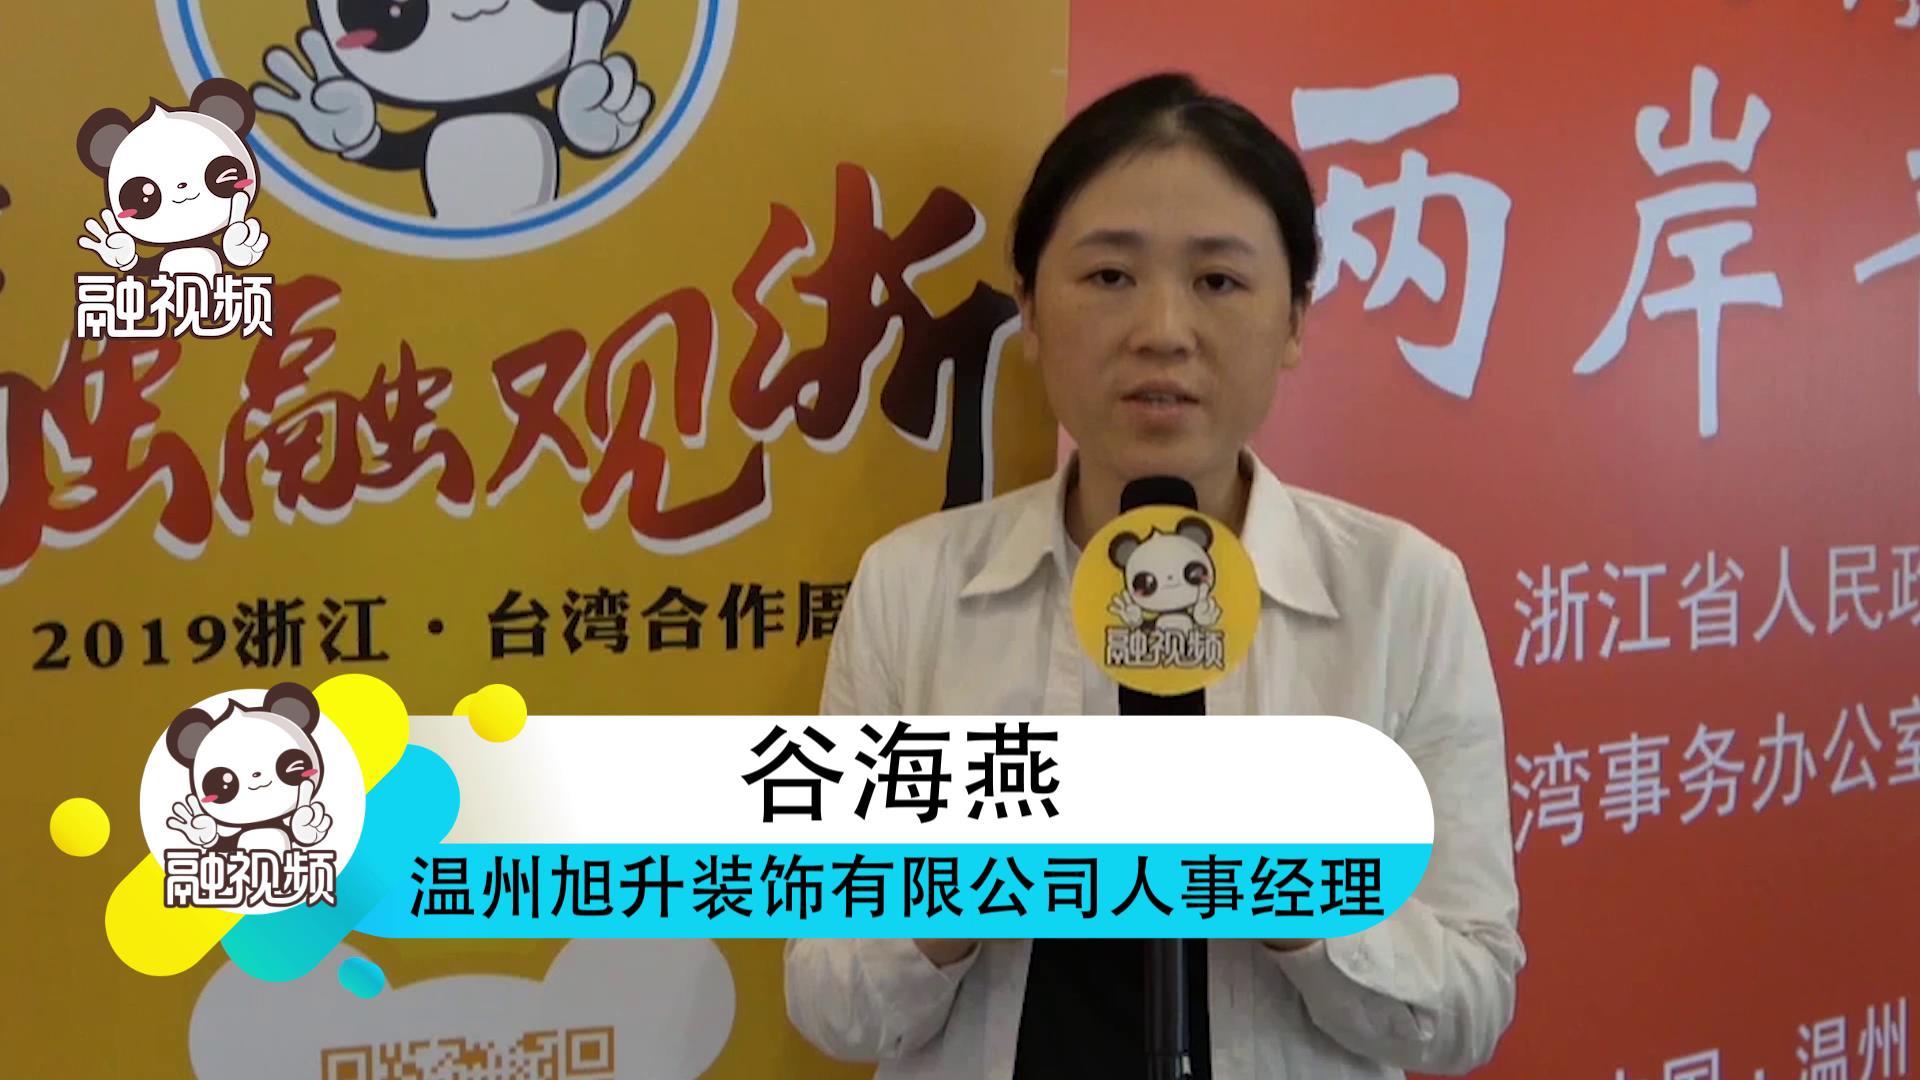 專訪溫州旭升裝飾有限公司人事經理谷海燕圖片